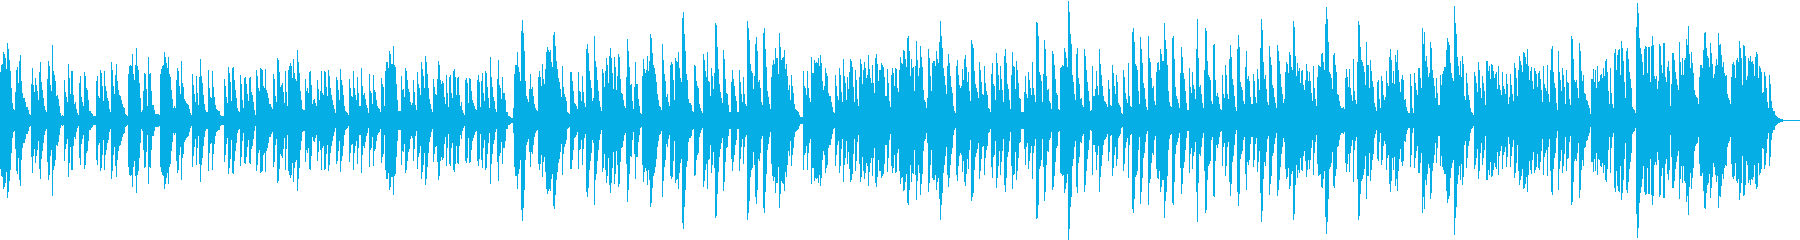 孤独なピアノの静かな呟きの再生済みの波形